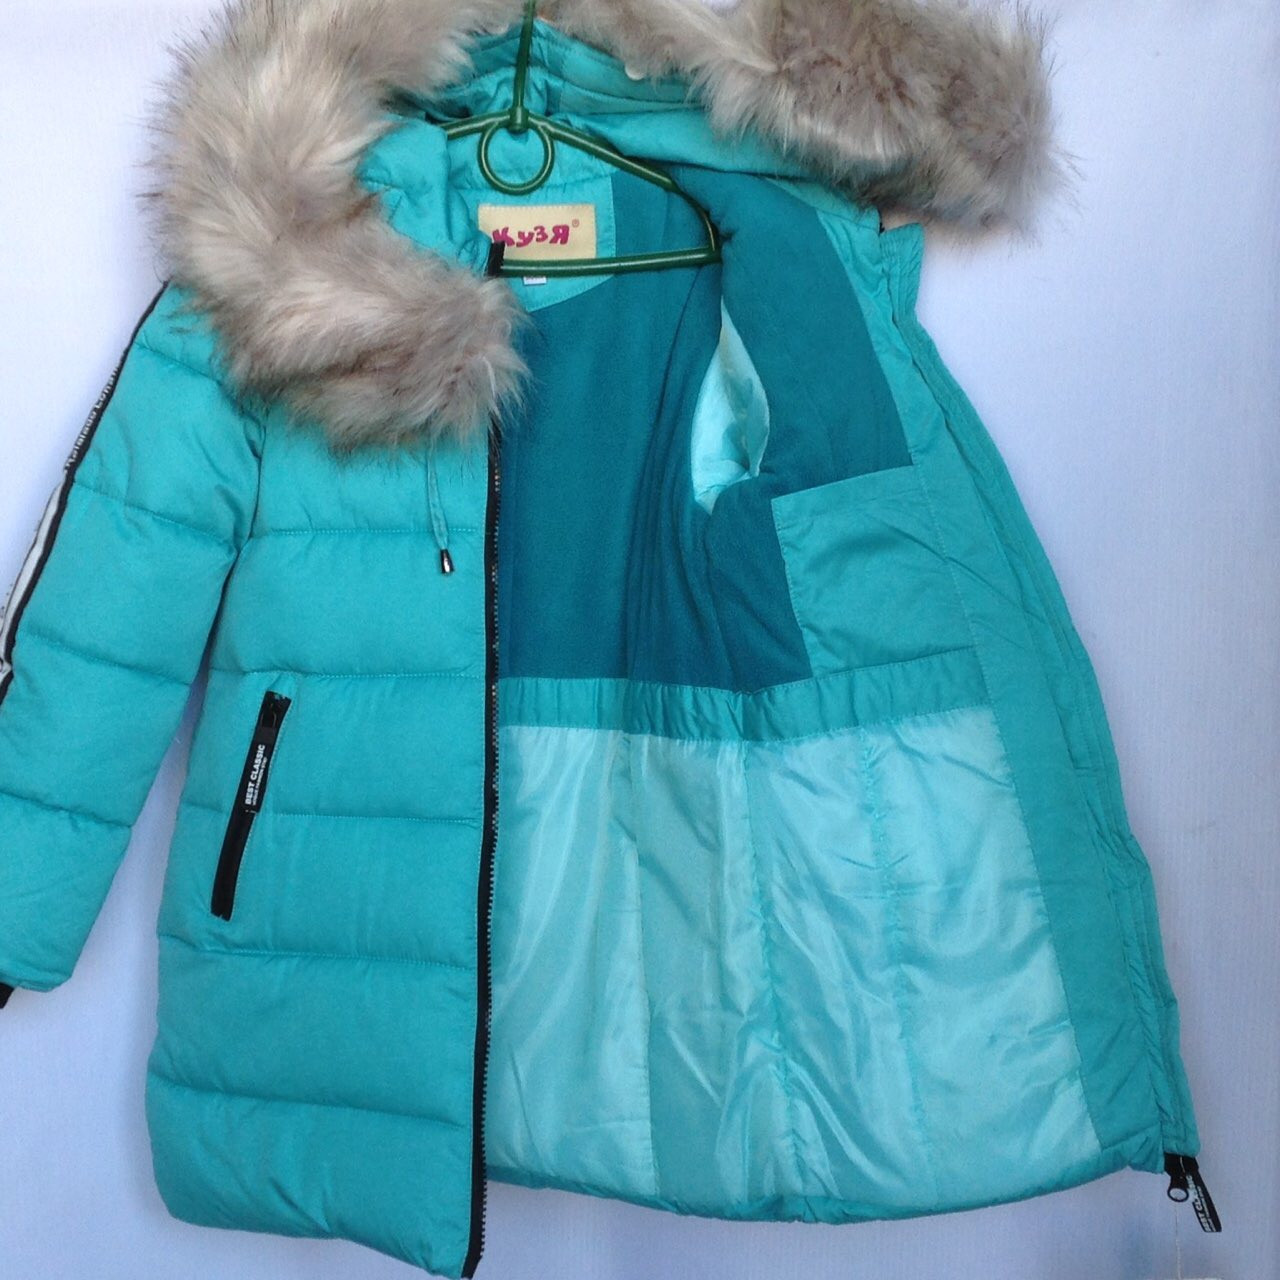 Купить Куртки Детские Зима Оптом